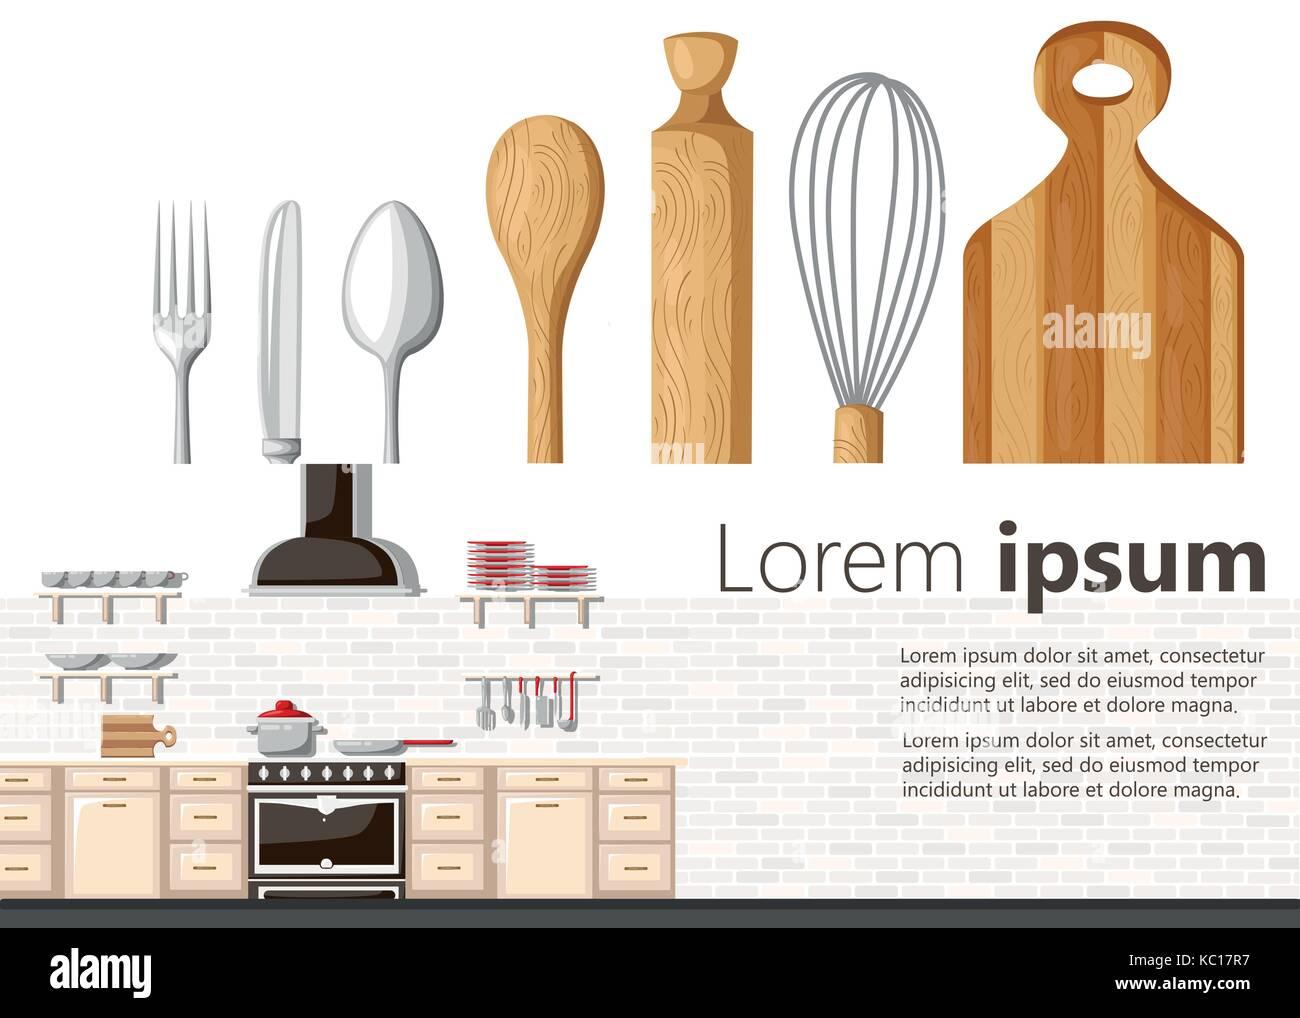 Flat Design Kitchen Concept Kitchen Equipment Background Vector